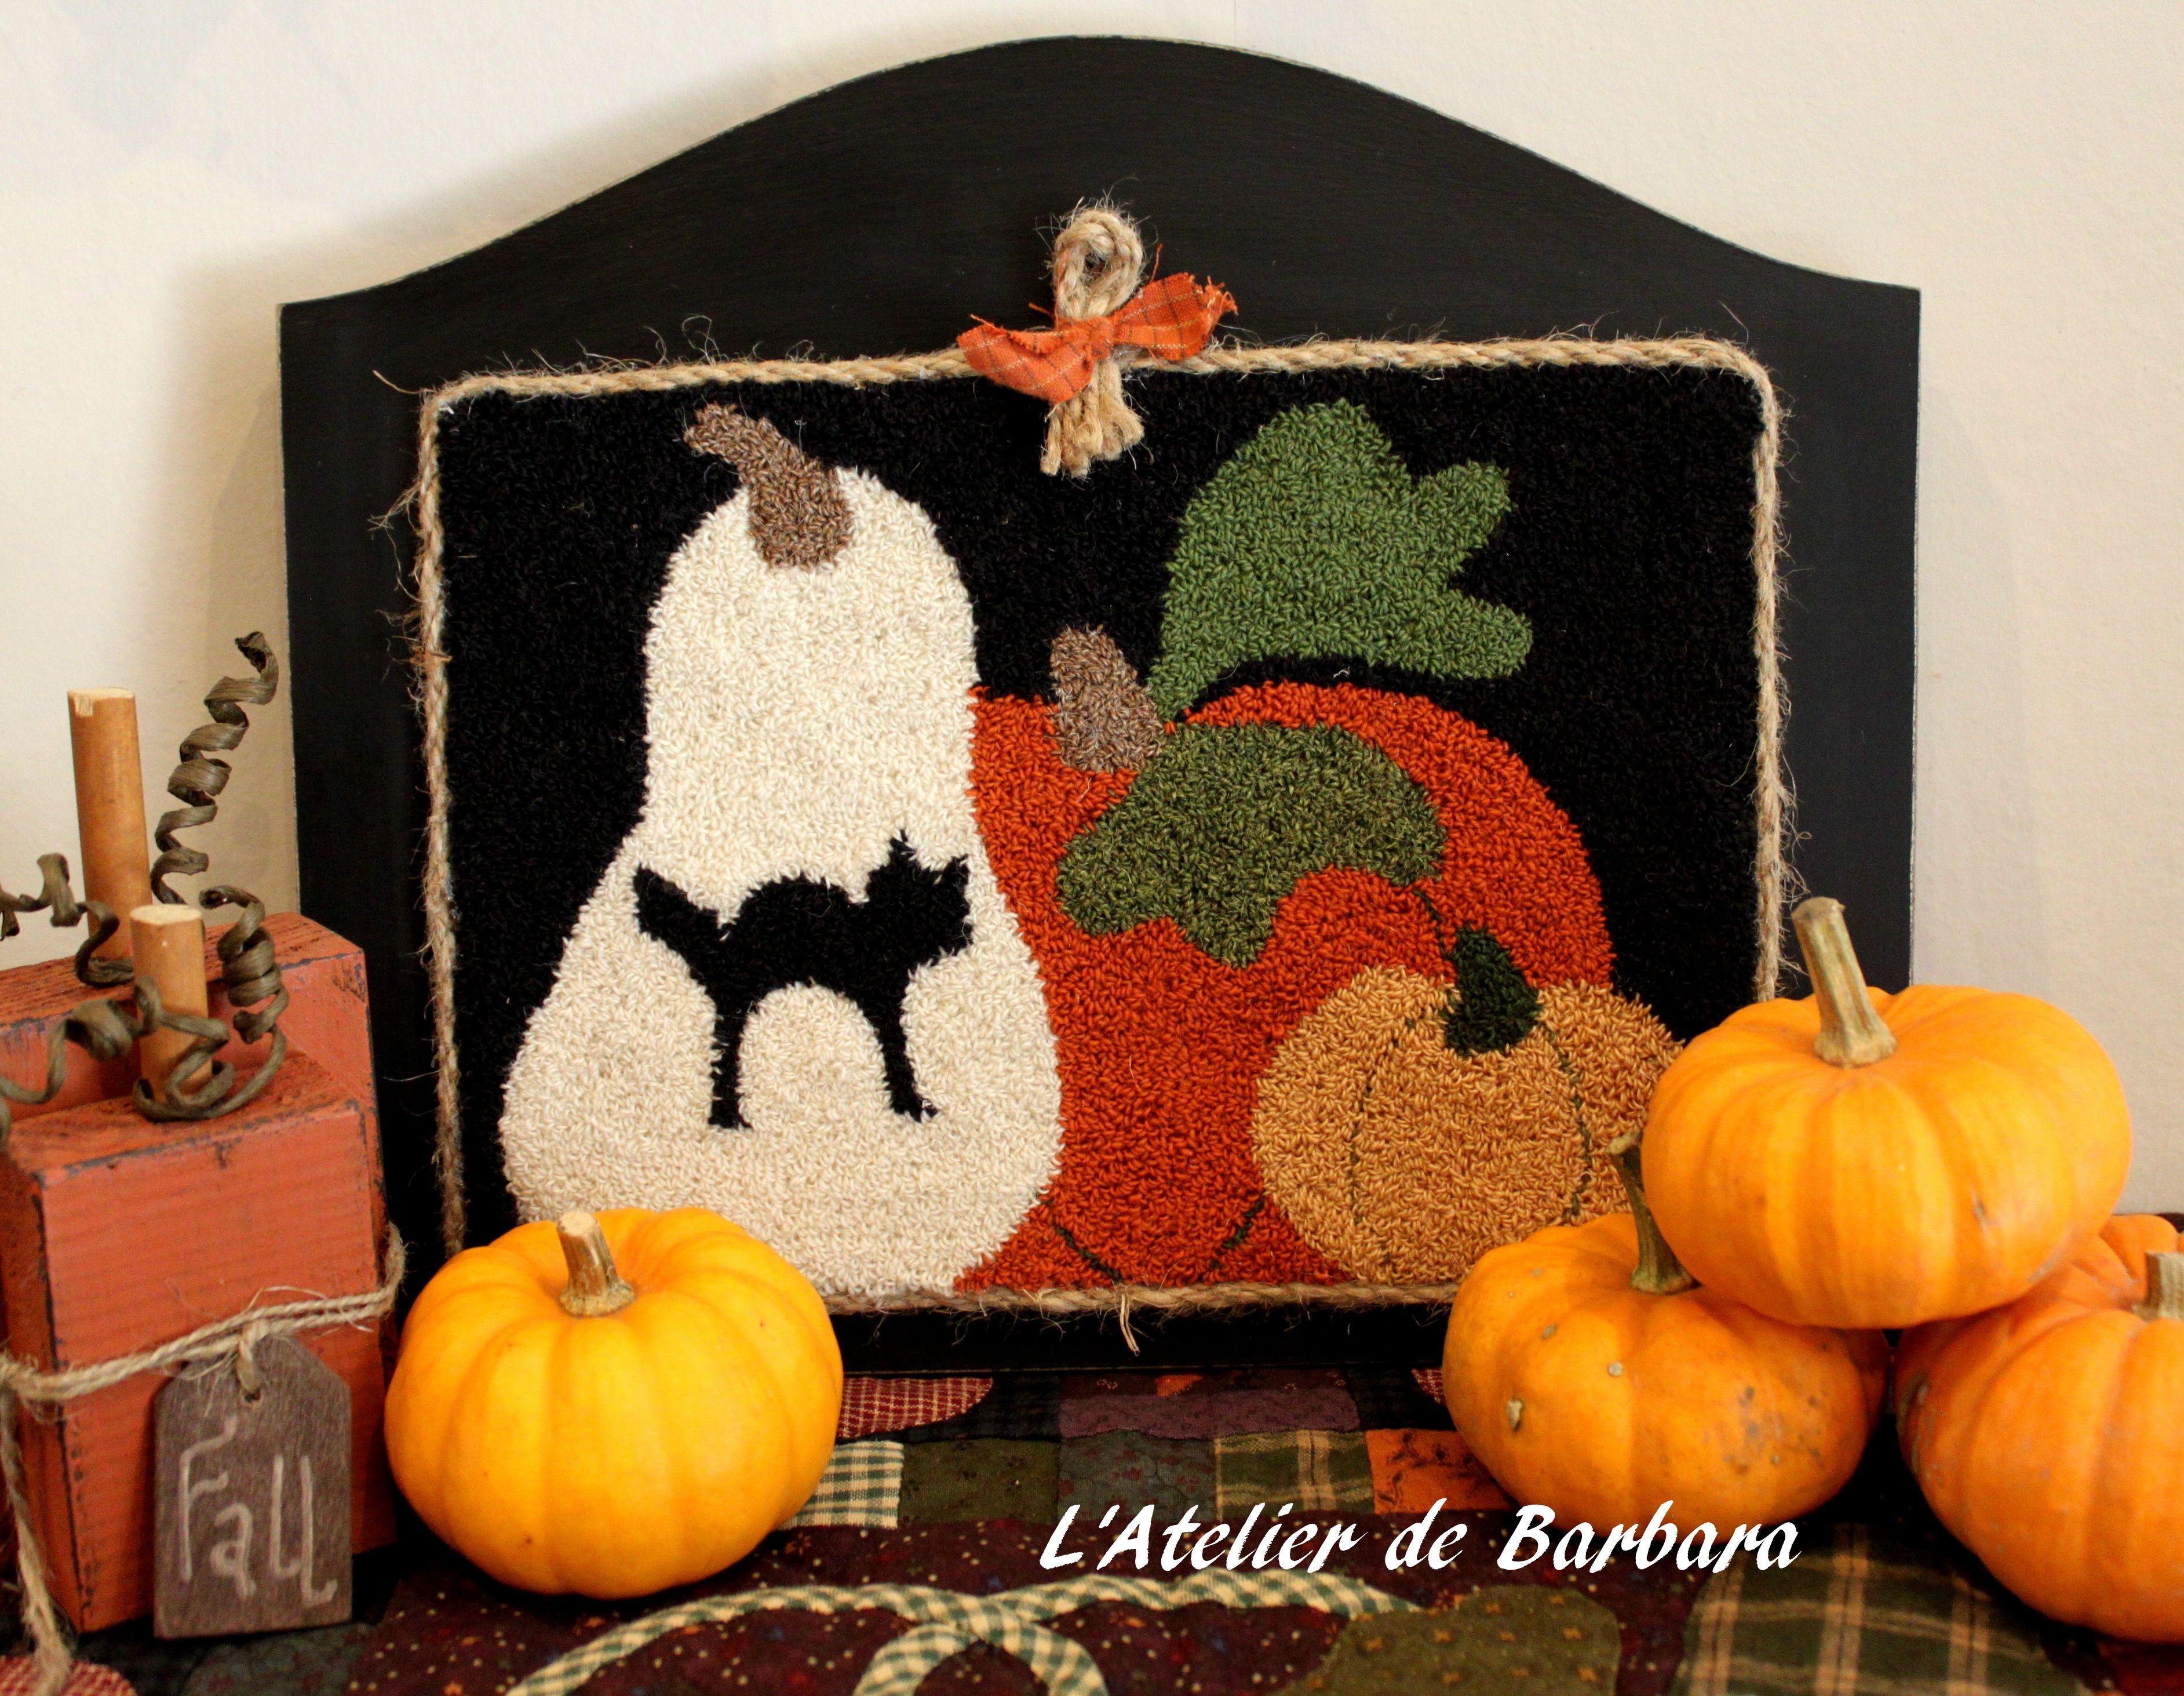 Free d'Halloween . Modéle en Pdf à télécharger gratuitement sur le site